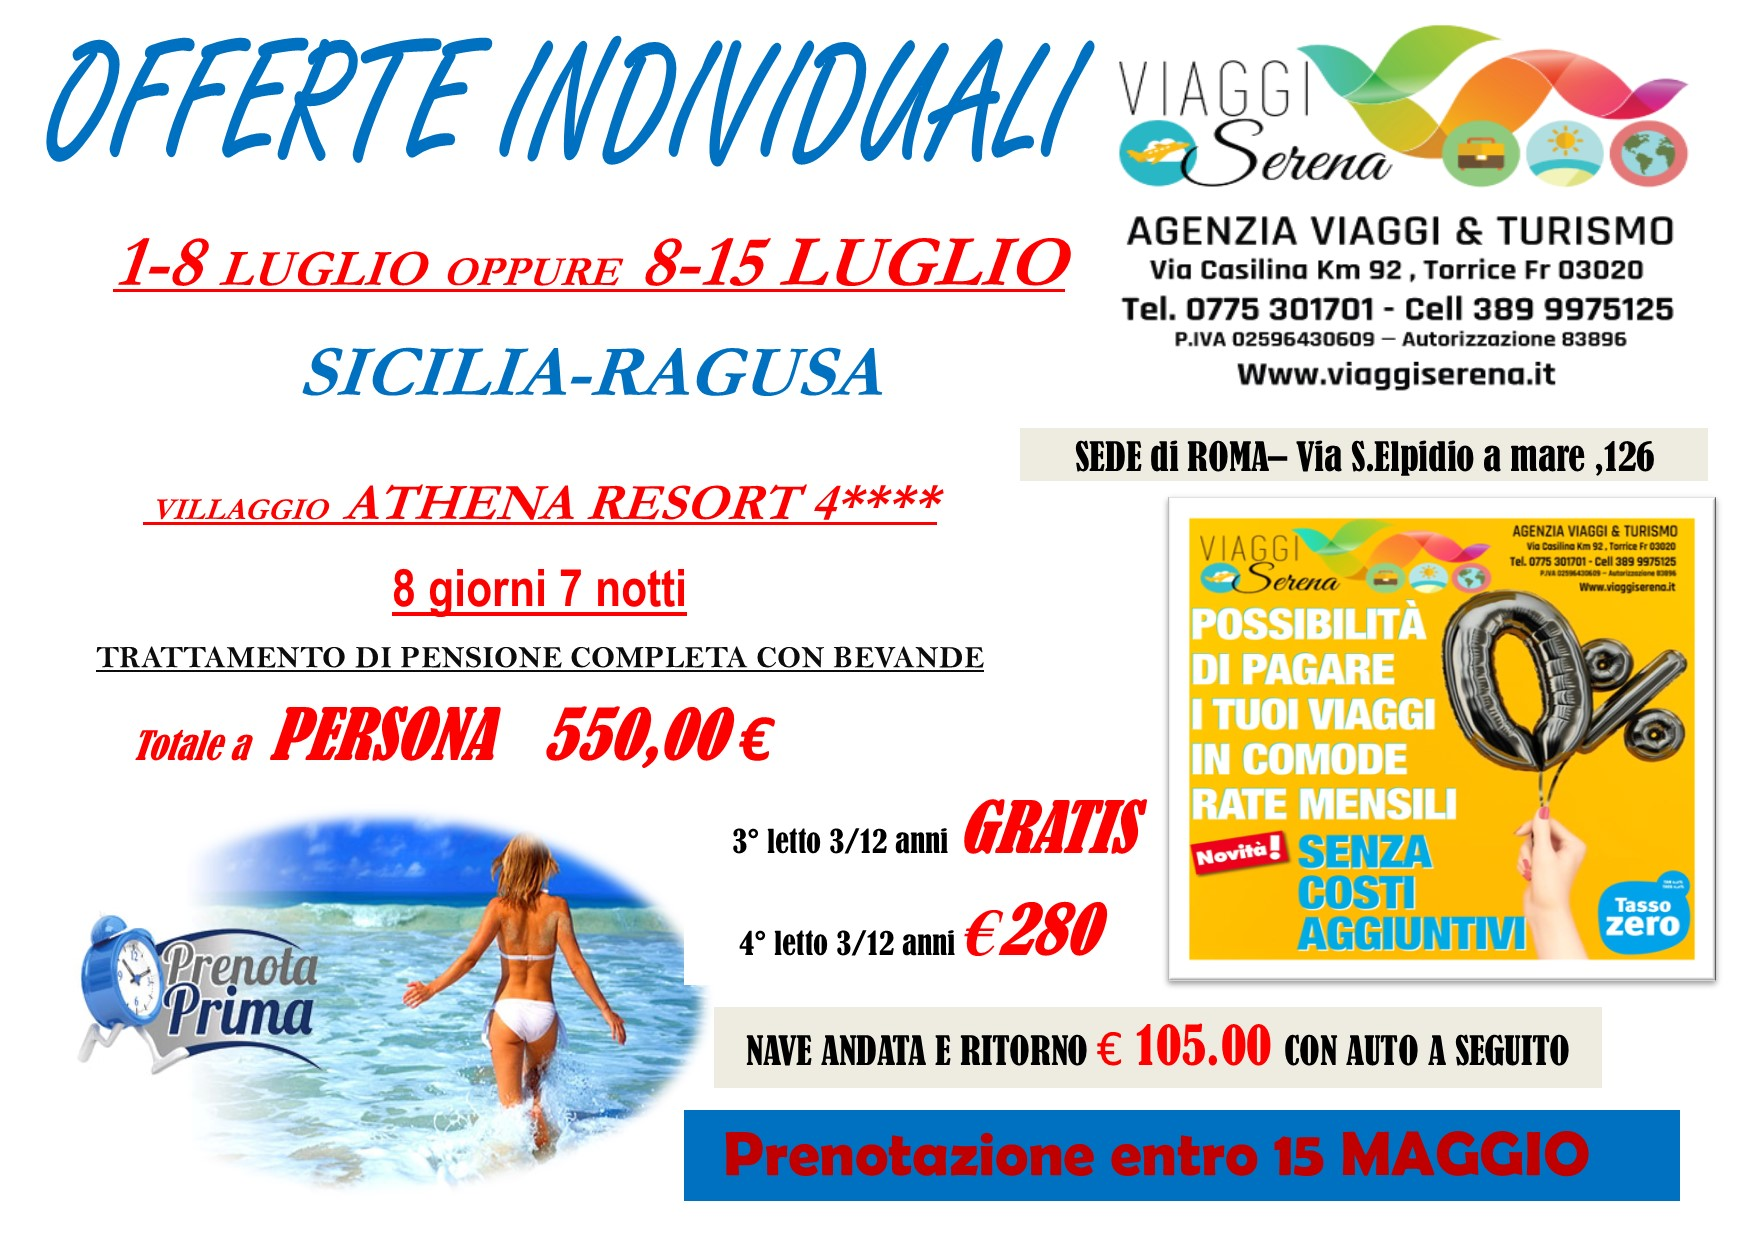 """Offerte Individuali : soggiorno mare con """"prenota prima"""" Sicilia-Ragusa!!!"""